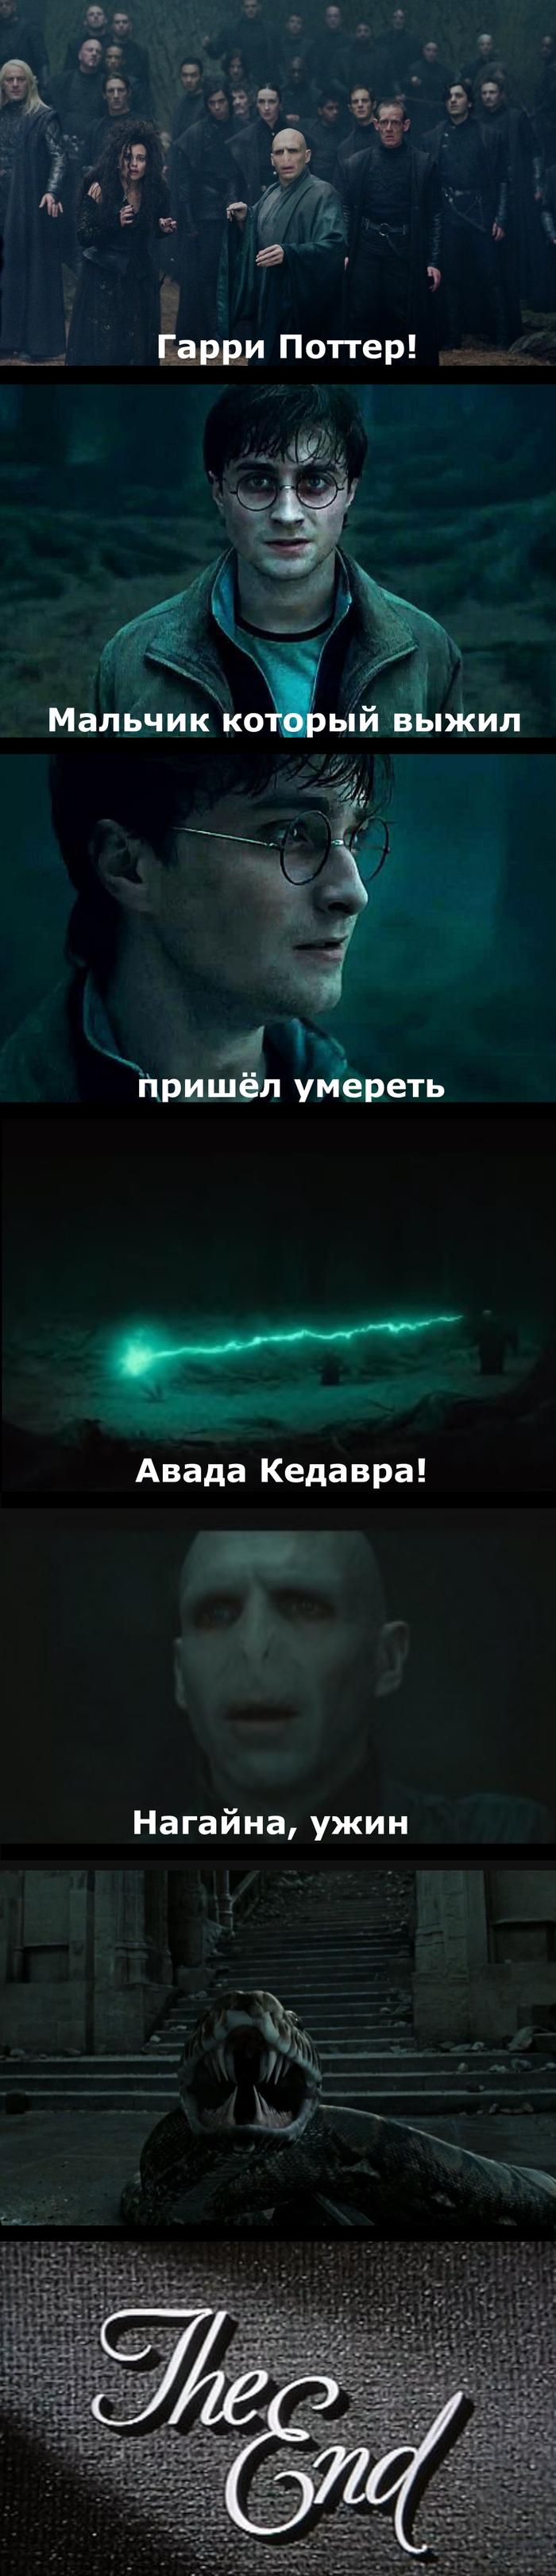 Гарри Поттер и альтернативная концовка Гарри Поттер, Если бы, Волан-Де-Морт, Имел, Мозг, Длиннопост